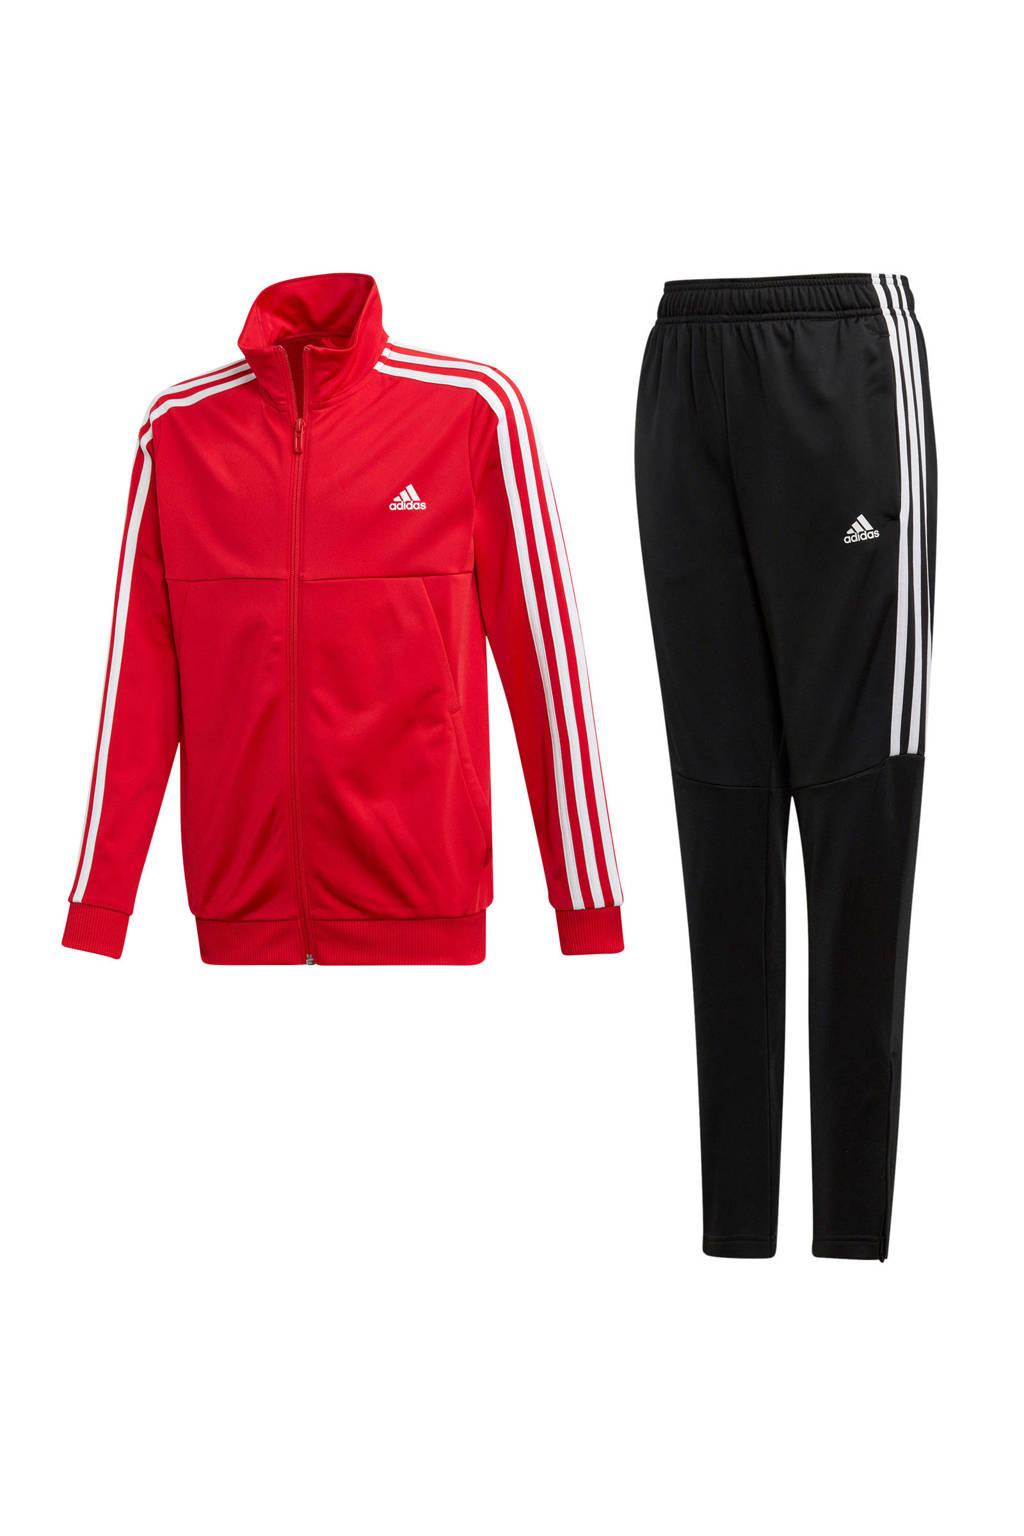 adidas performance   trainingspak rood, Rood